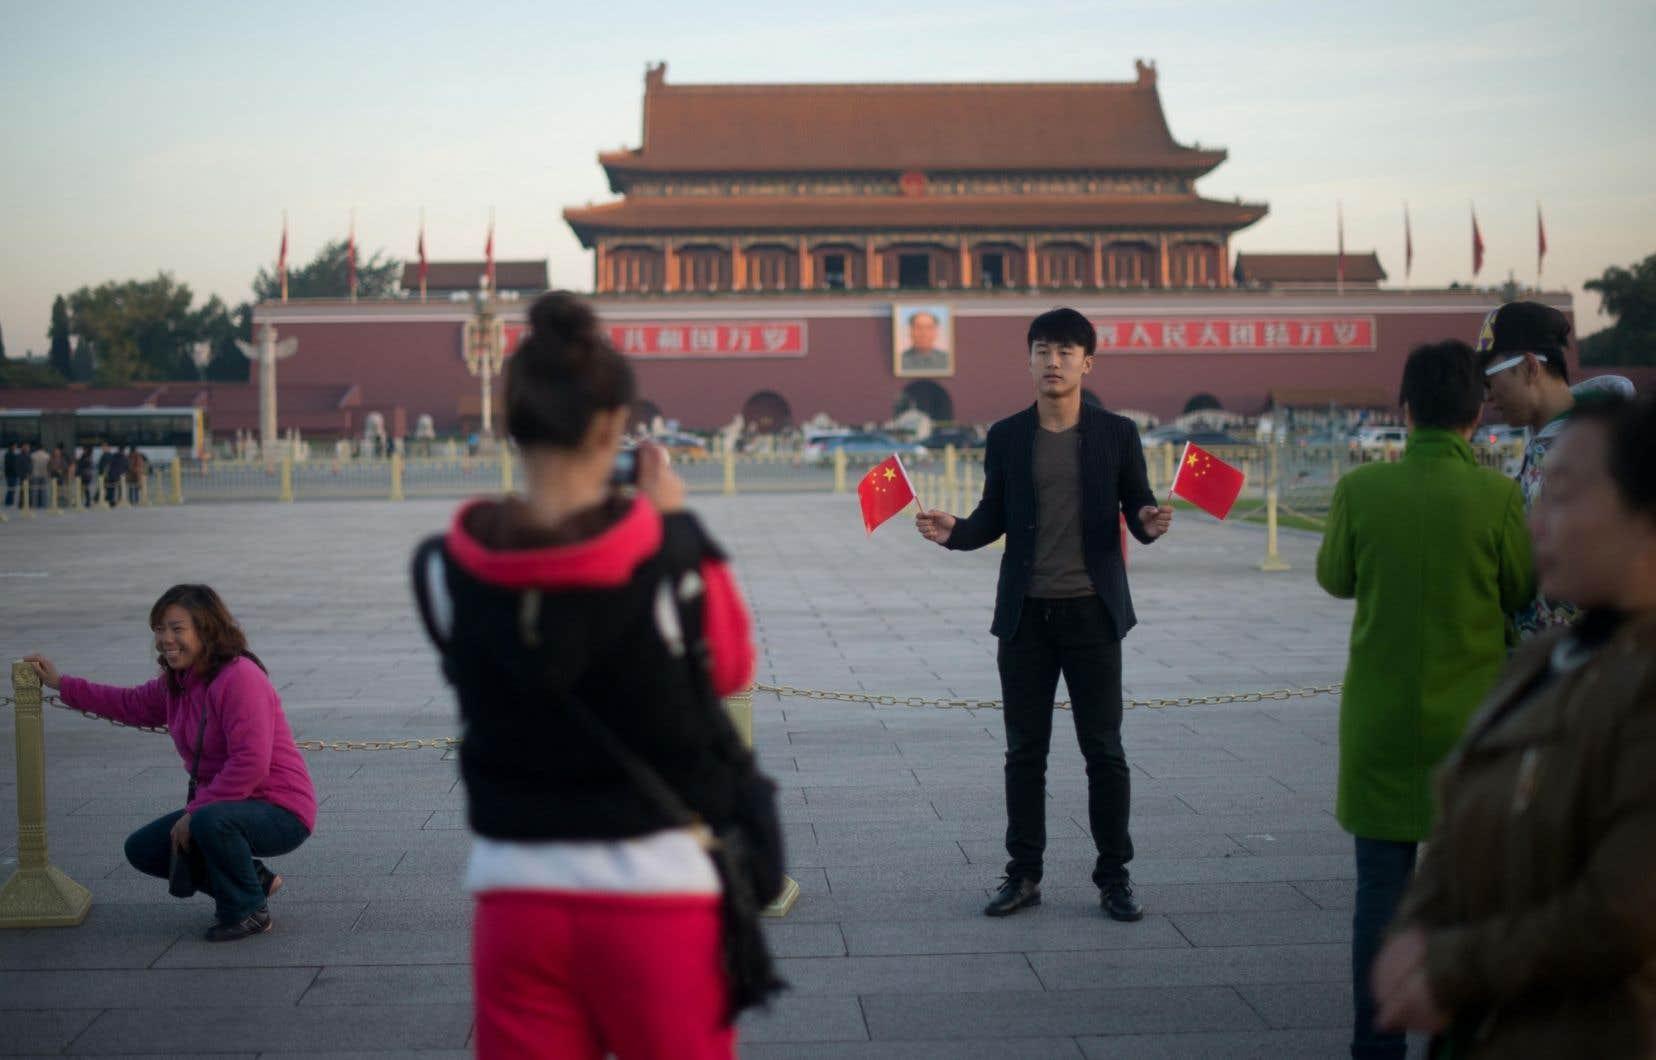 Pour la génération post-Tiananmen, l'histoire et l'avenir ne se regardent plus à travers la lorgnette de la lutte des classes, mais du patriotisme.